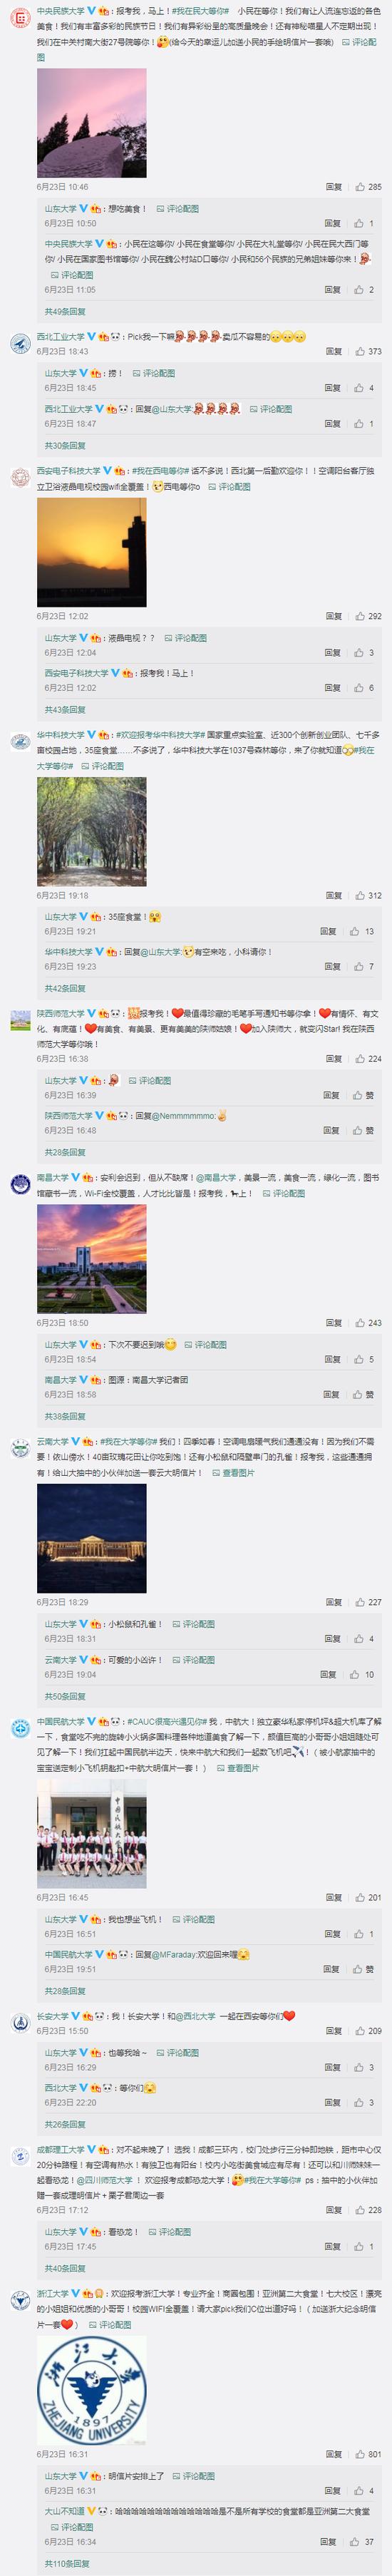 2018高校生源战打响!清北组团求pick山大花式碰瓷